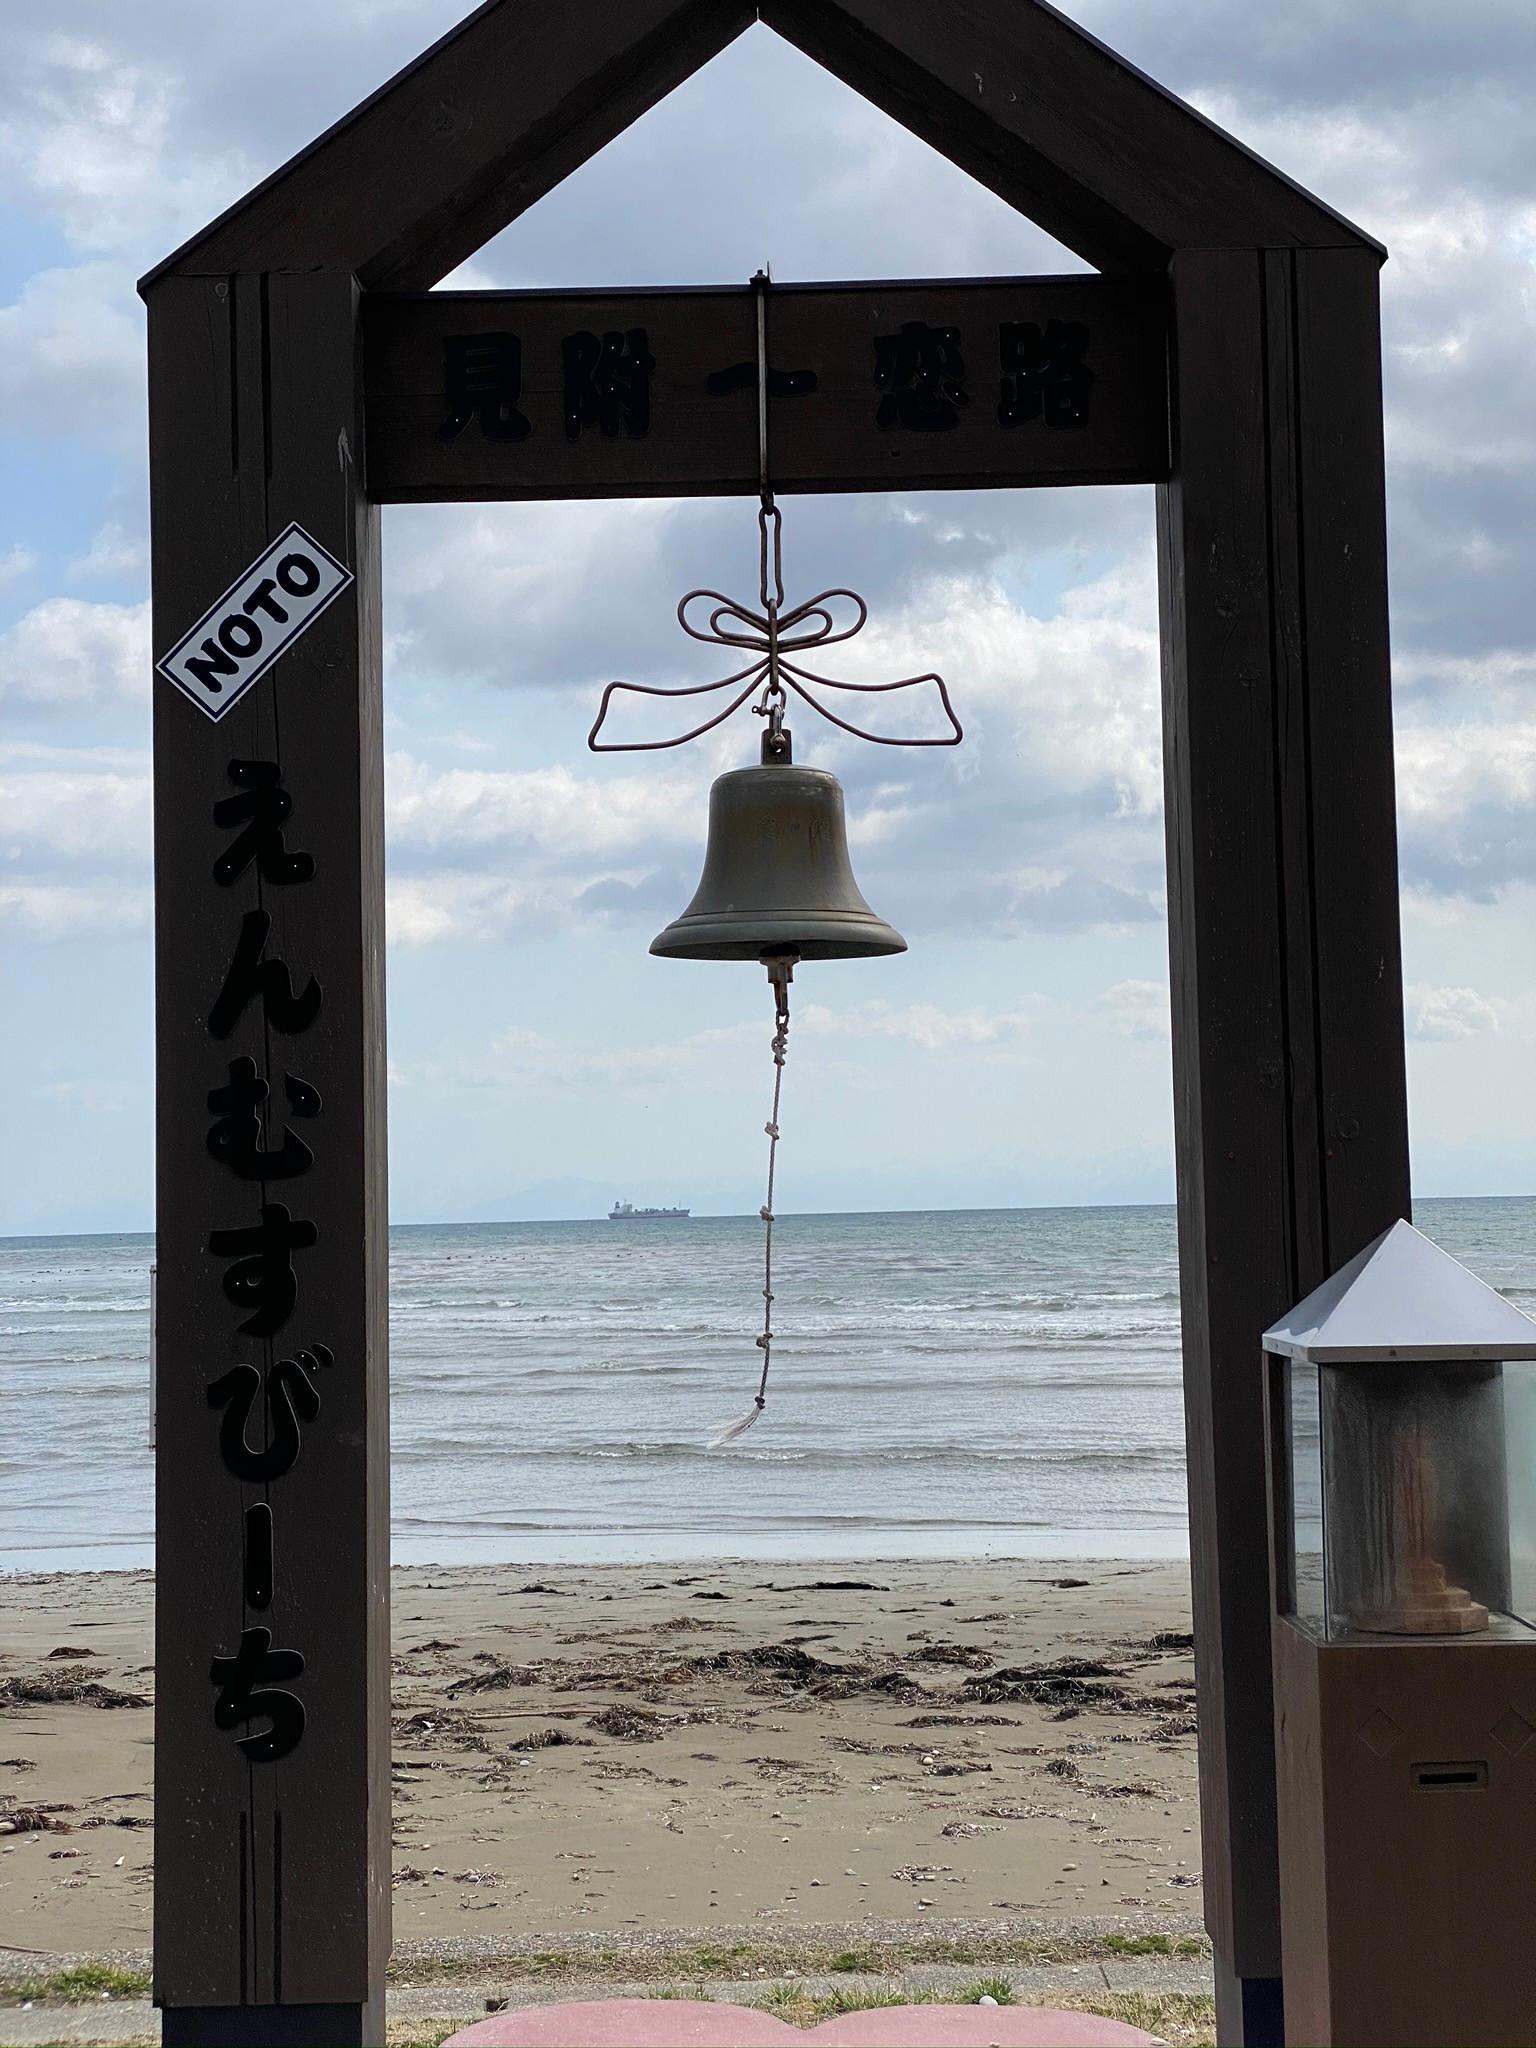 珠洲【見附島】えんむすびーちの鐘